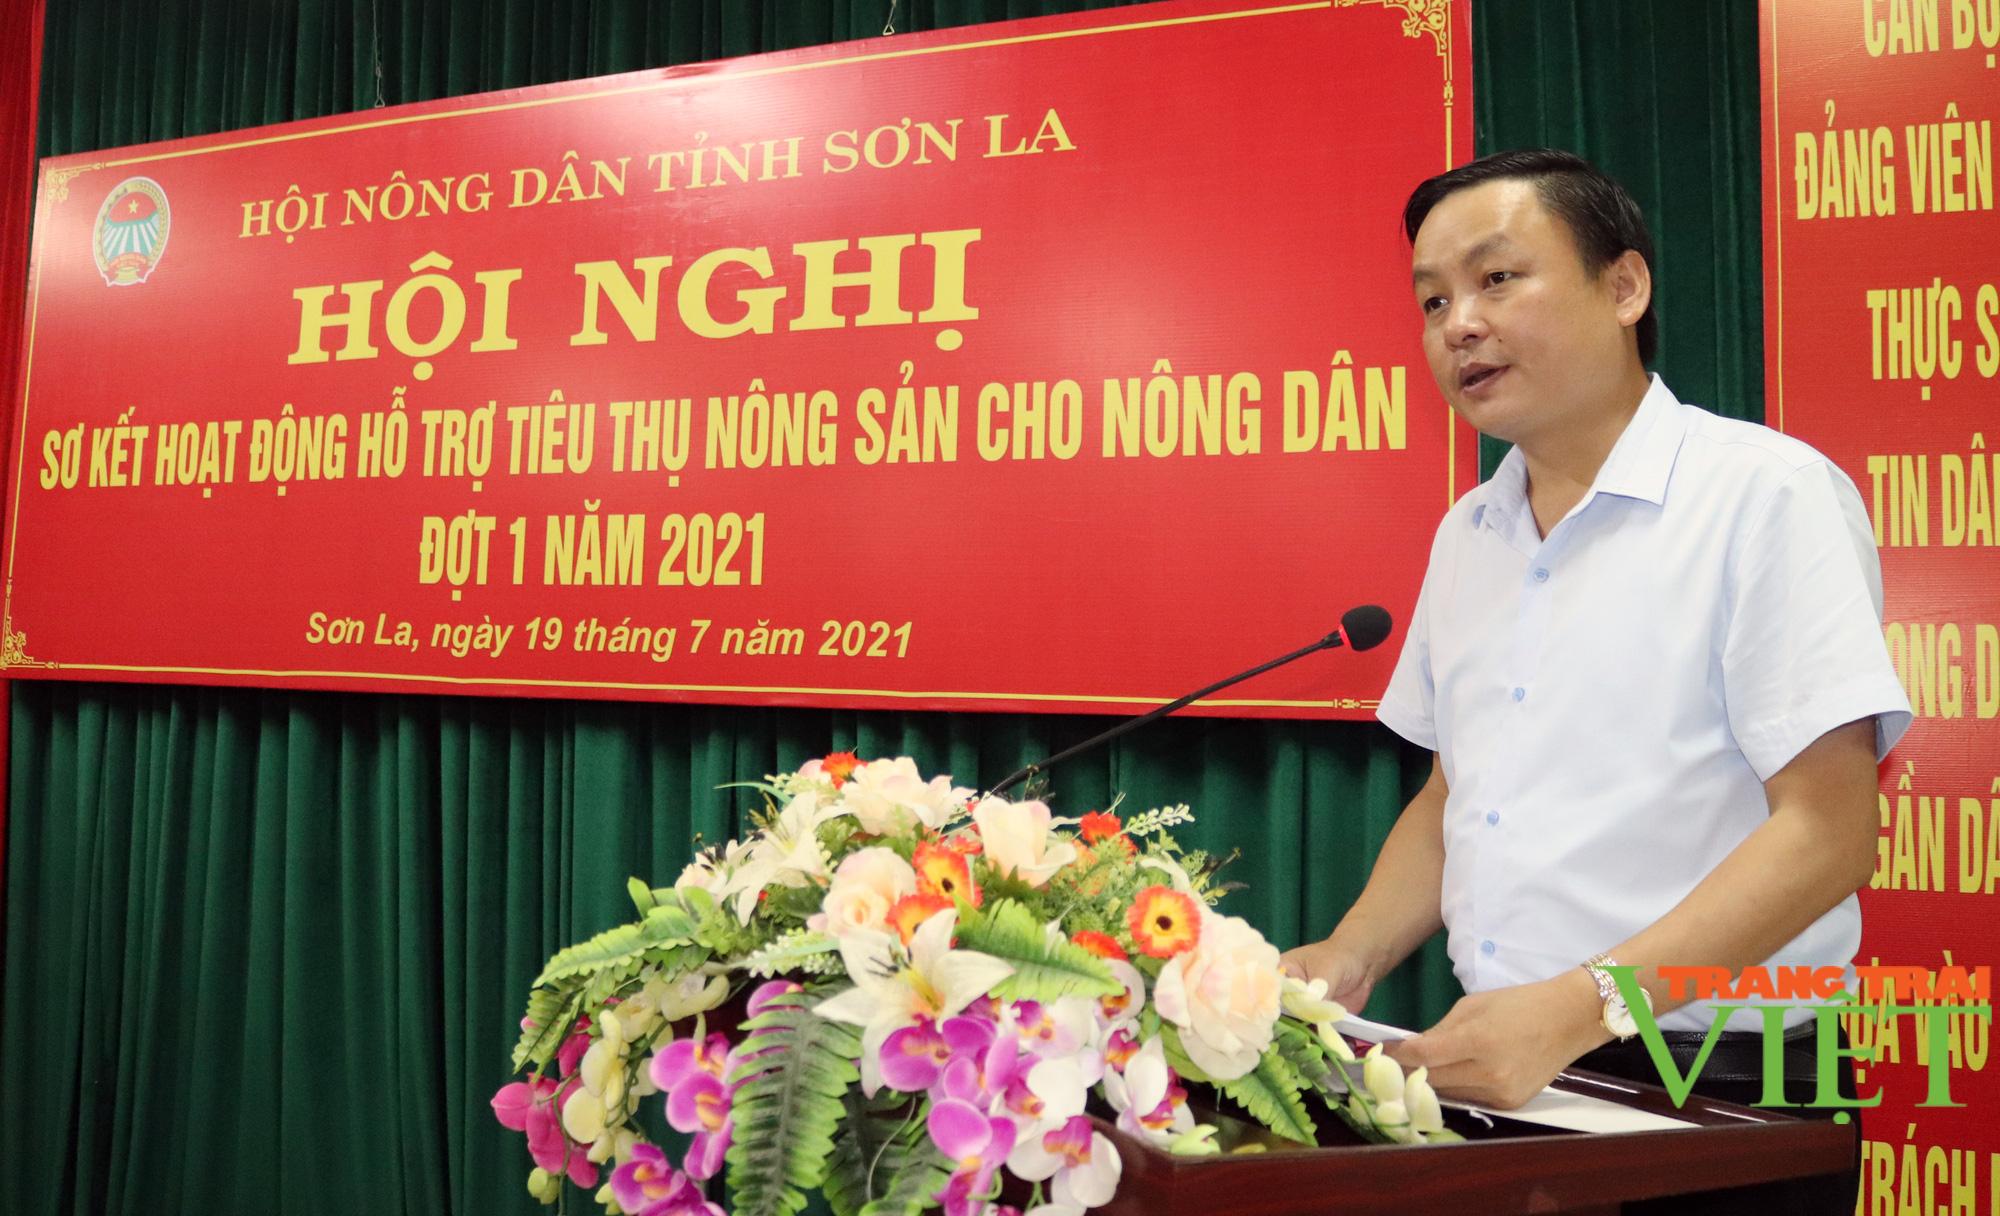 Các cấp Hội Nông dân tỉnh Sơn La hỗ trợ tiêu thụ gần 5.000 tấn nông sản - Ảnh 2.